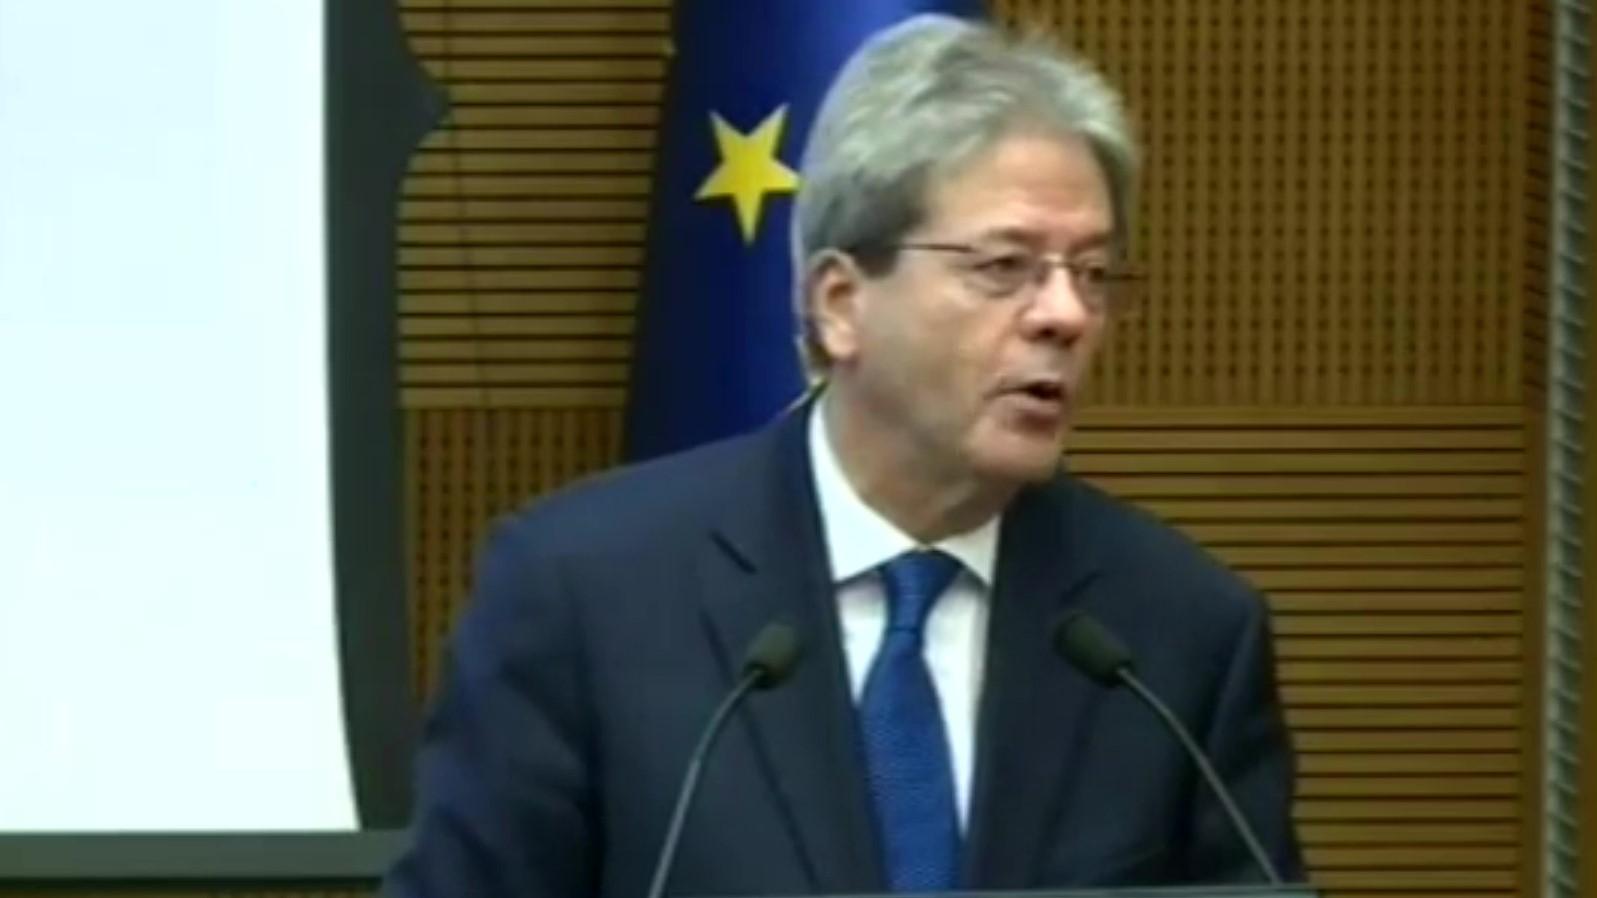 Përfundon mandati i qeverisë Gentiloni në Itali